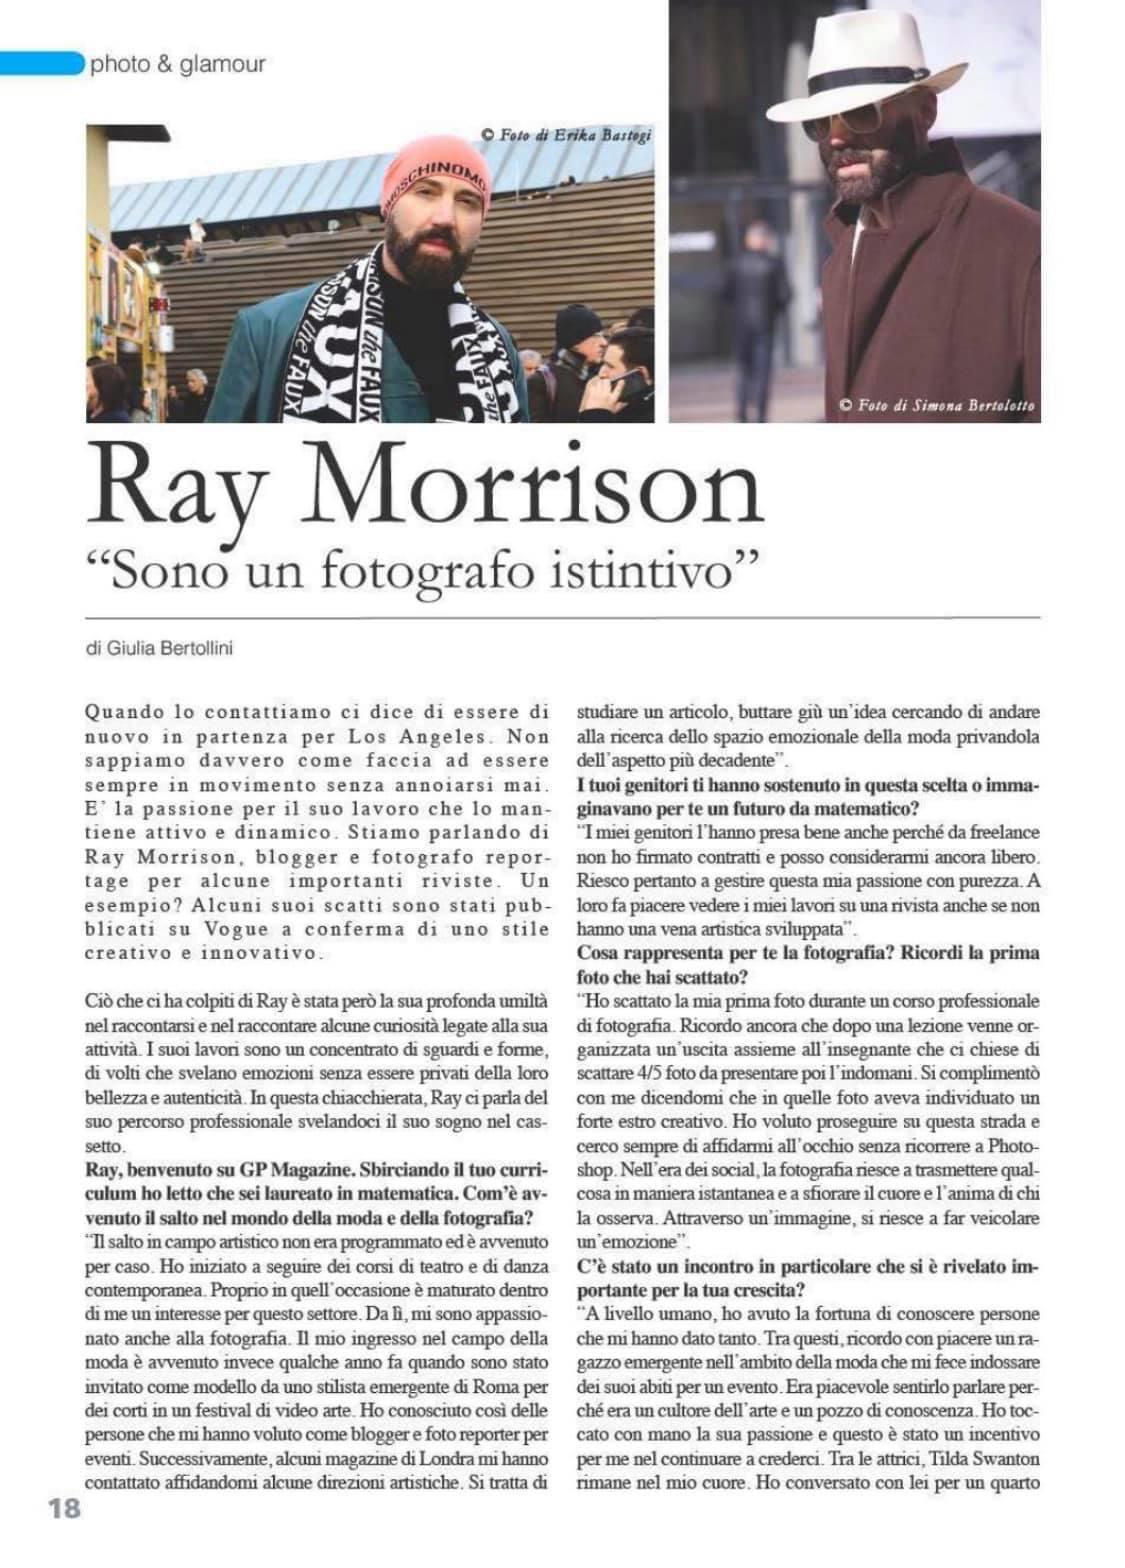 Raimondo Rossi Ray Morrison GP Magazine 1